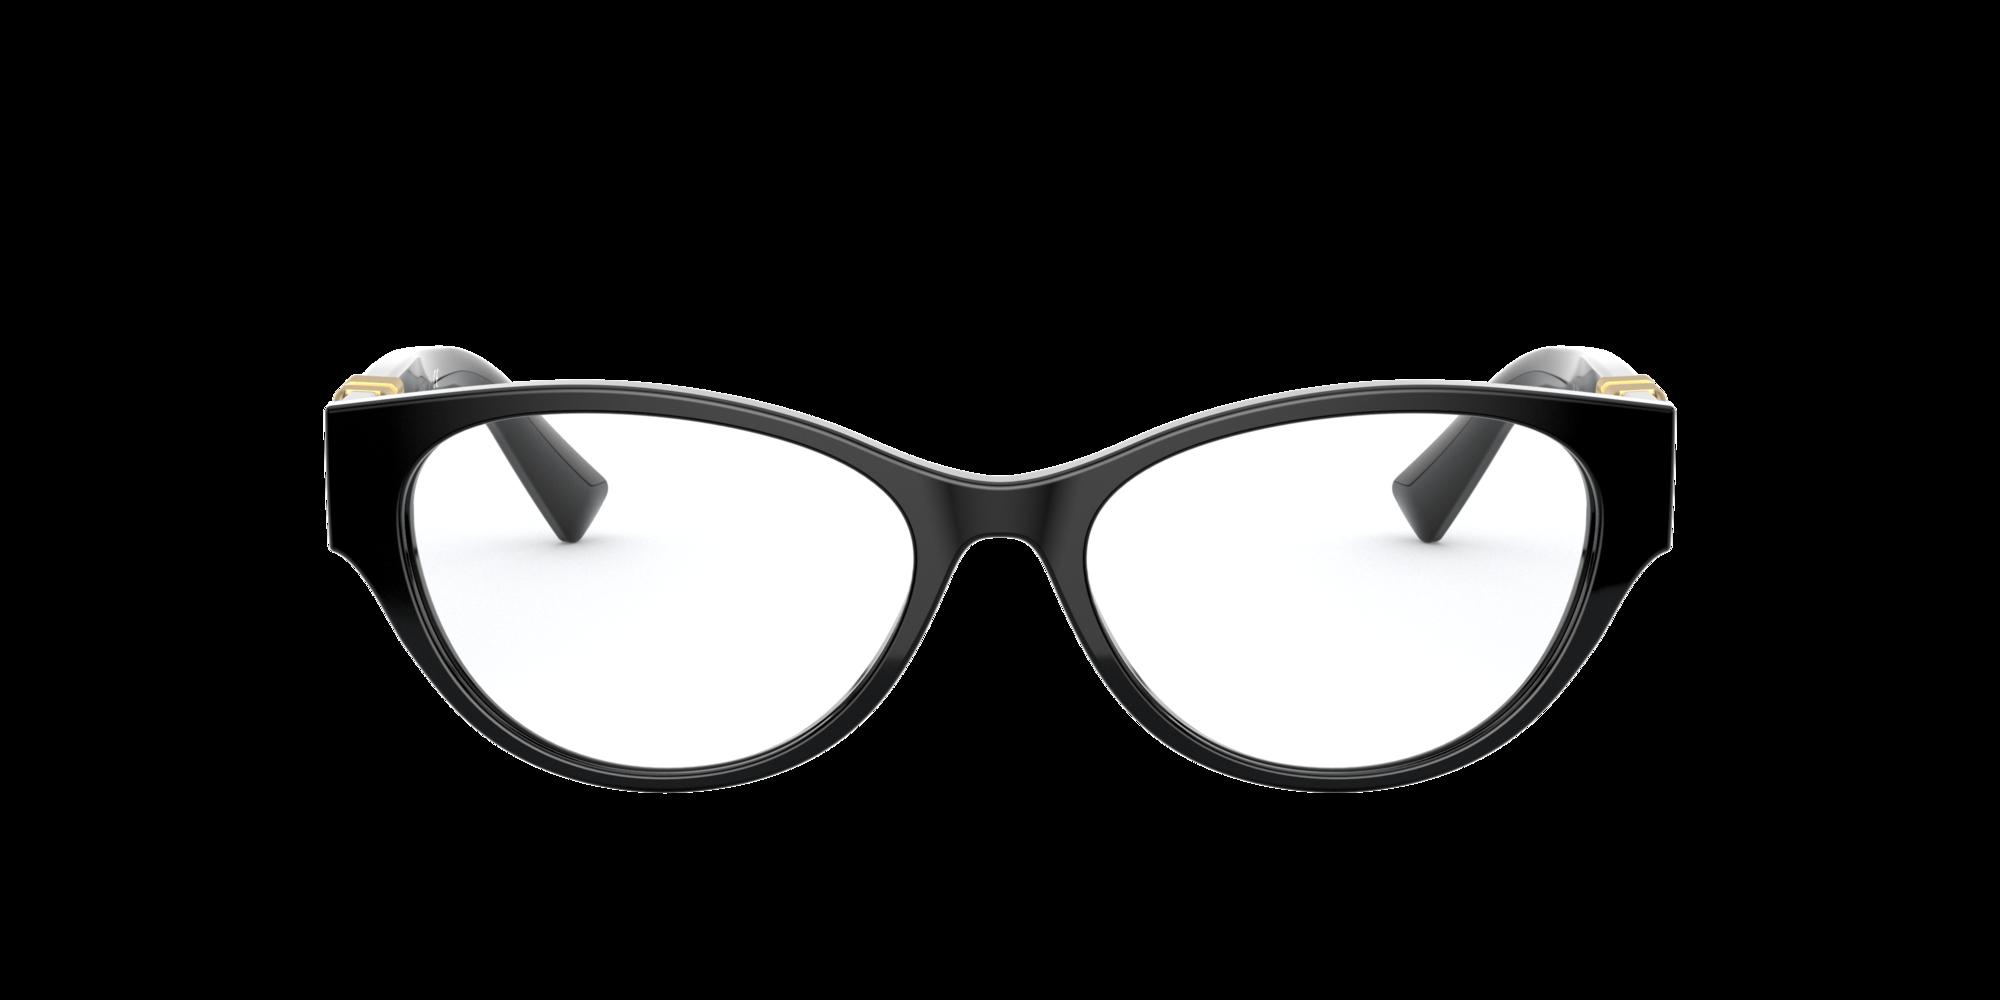 Imagen para VA3042 de LensCrafters |  Espejuelos, espejuelos graduados en línea, gafas